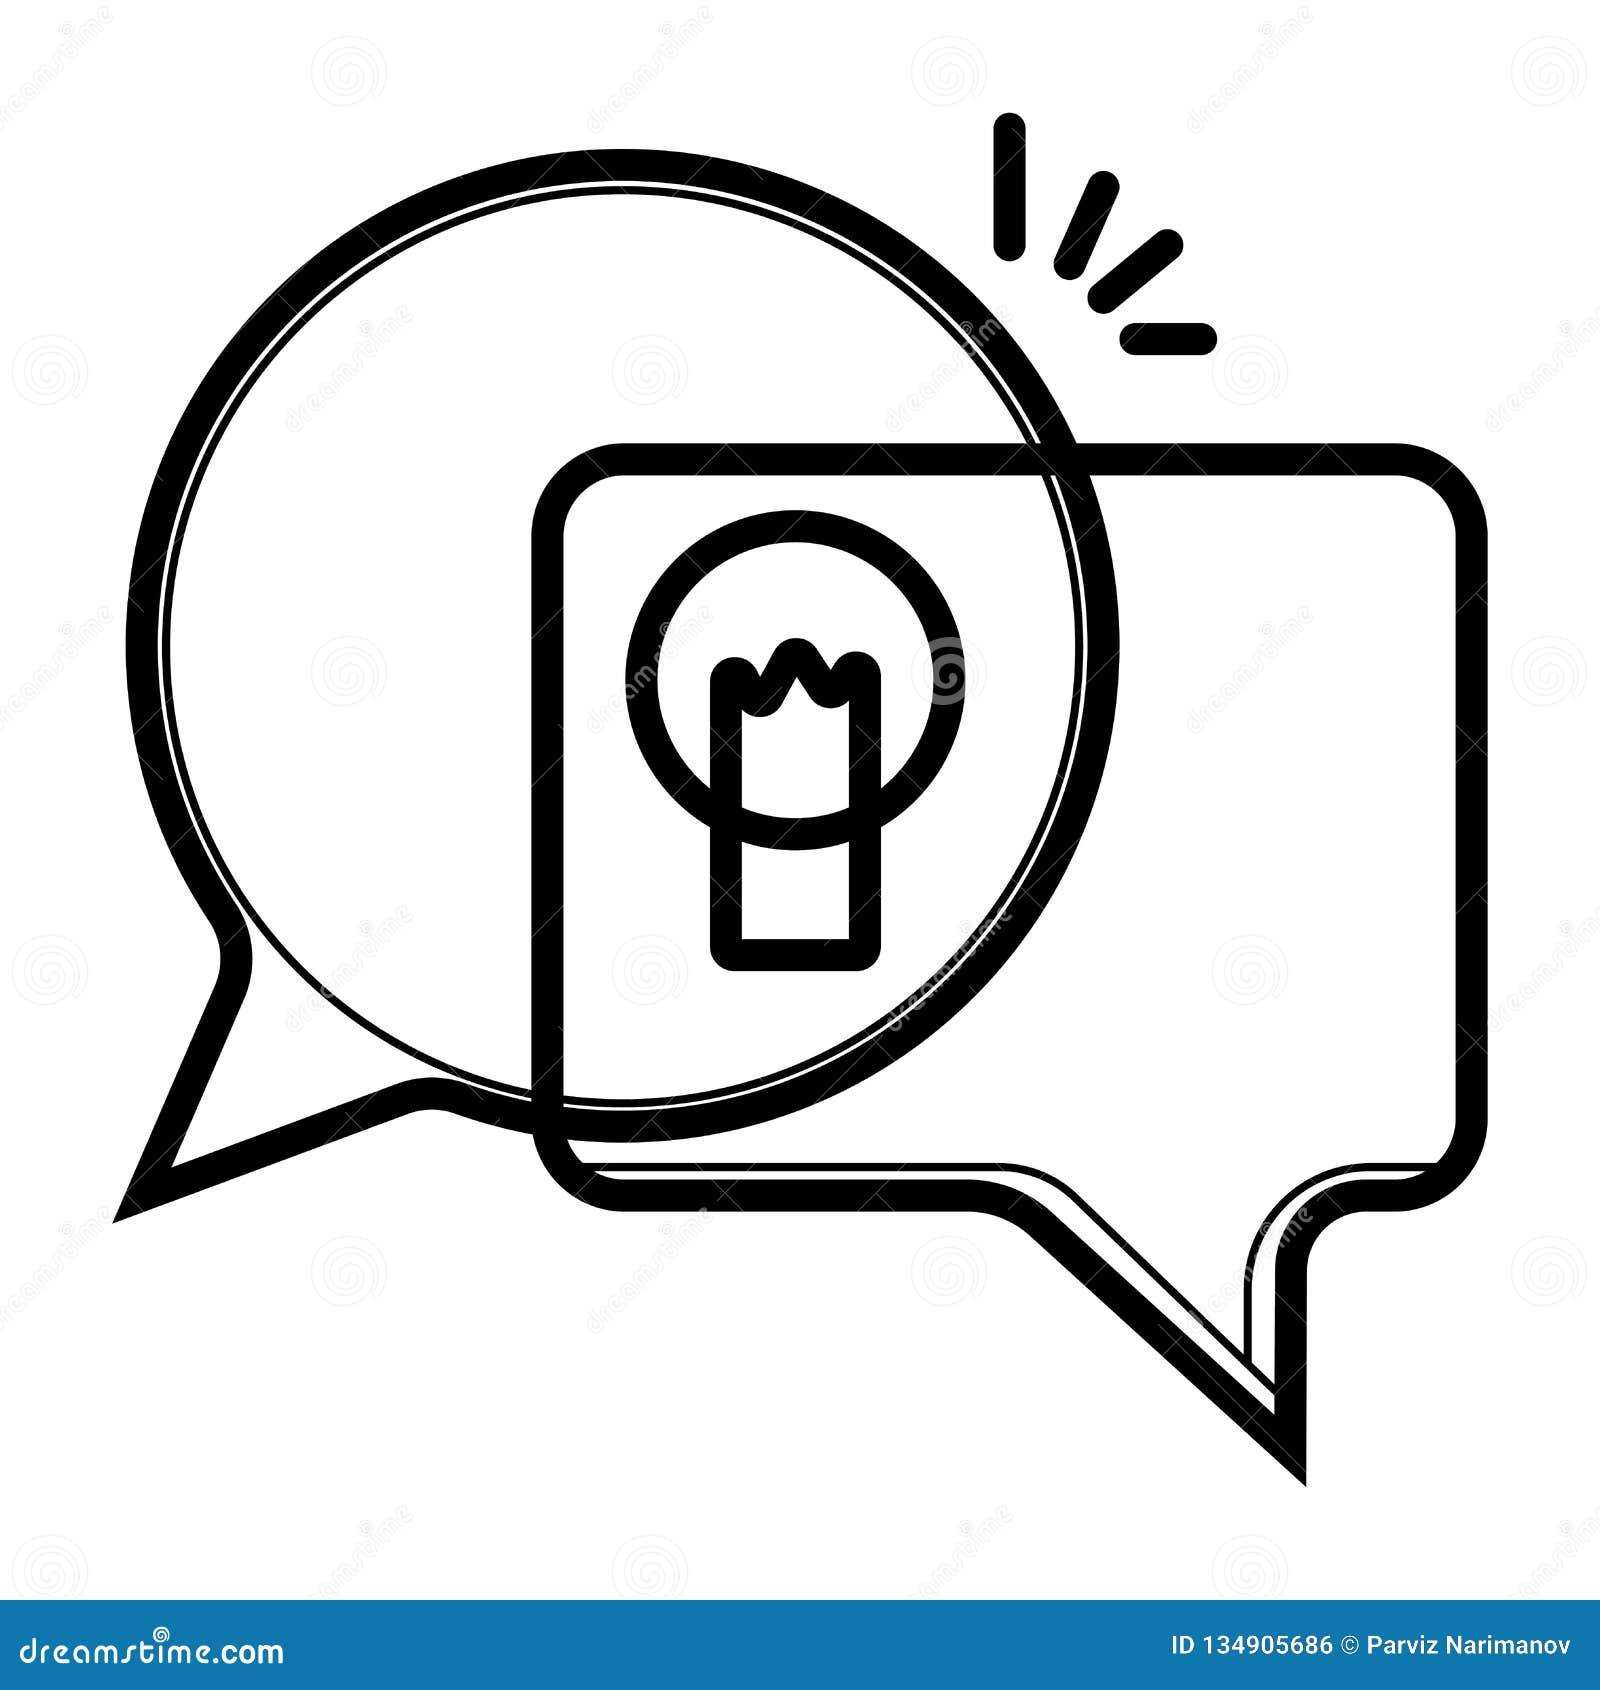 Idee, inzicht, uitwisselings van ideeënpictogram